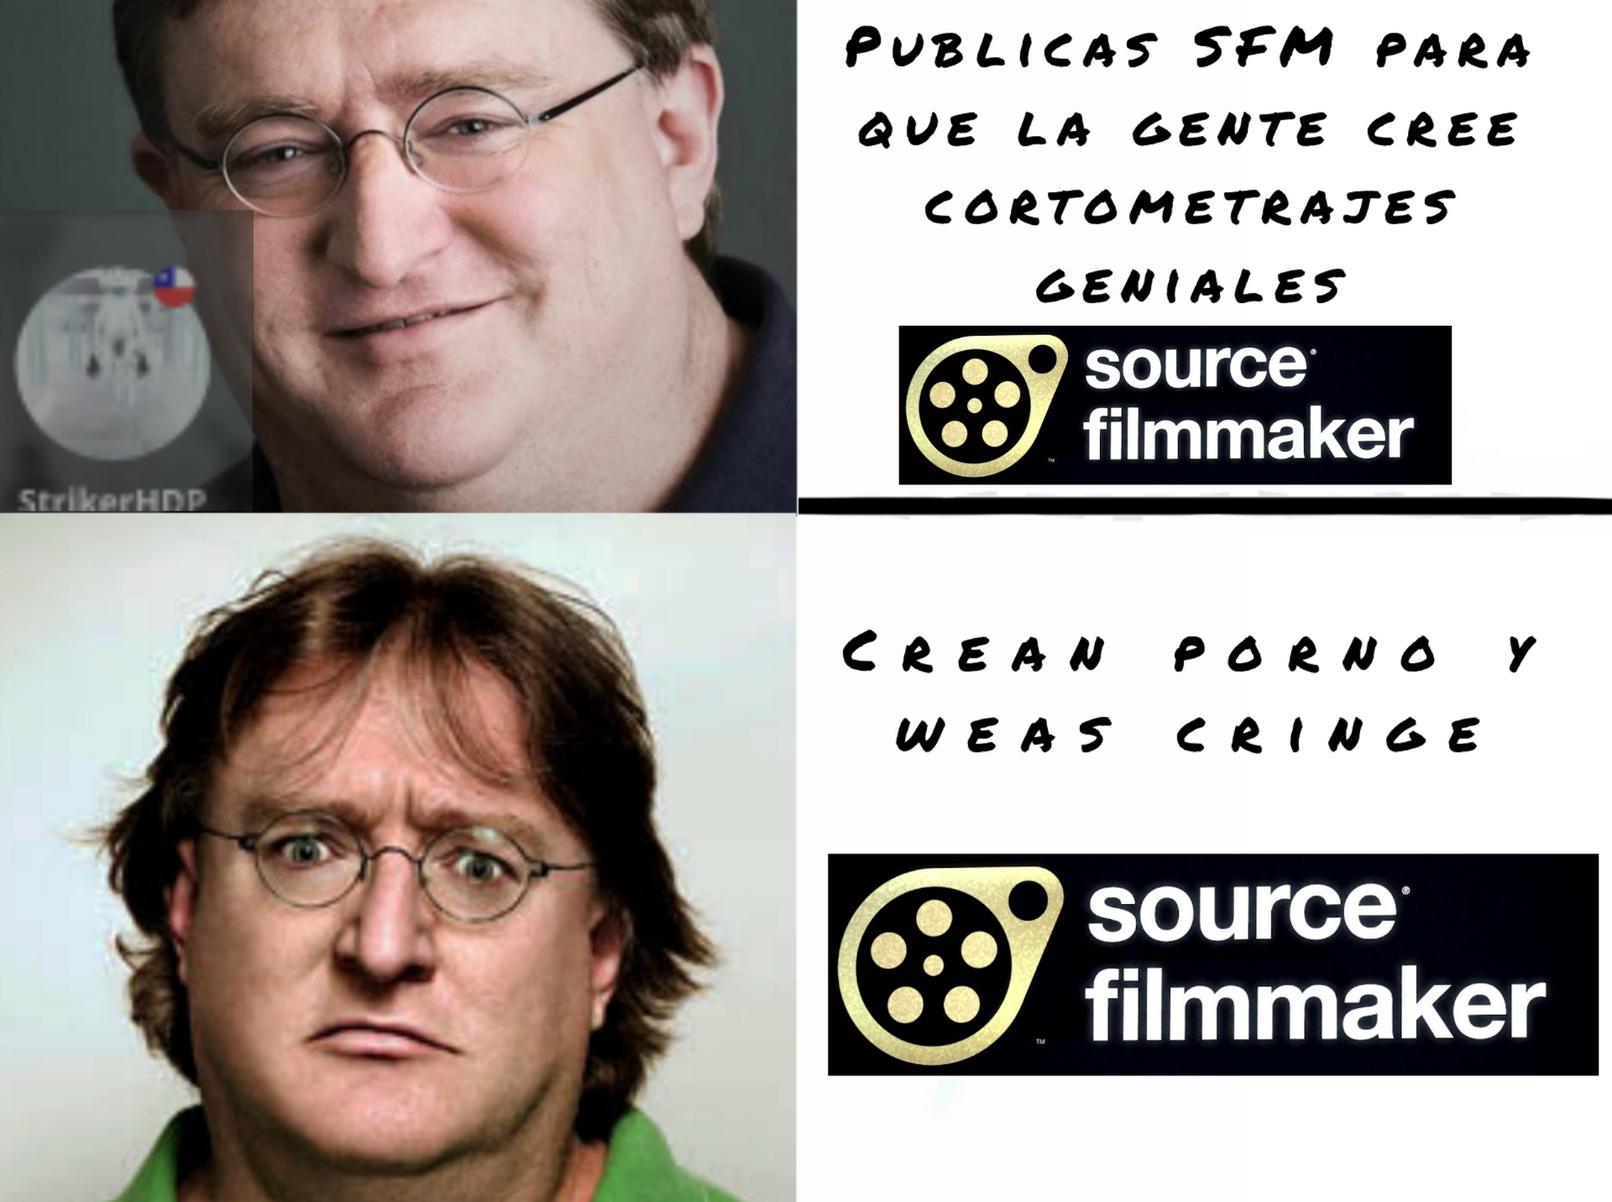 Que pena por Gabe Newell - meme